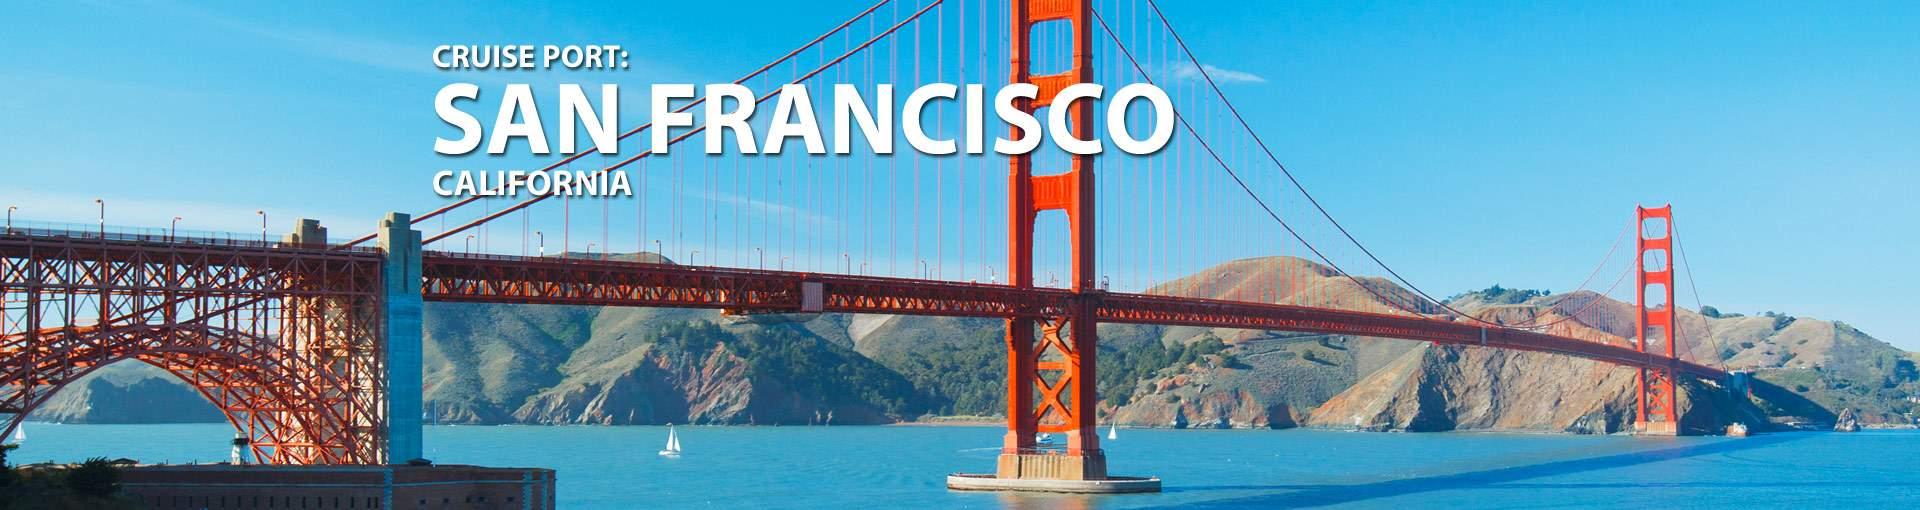 Cruise Port: San Francisco, California